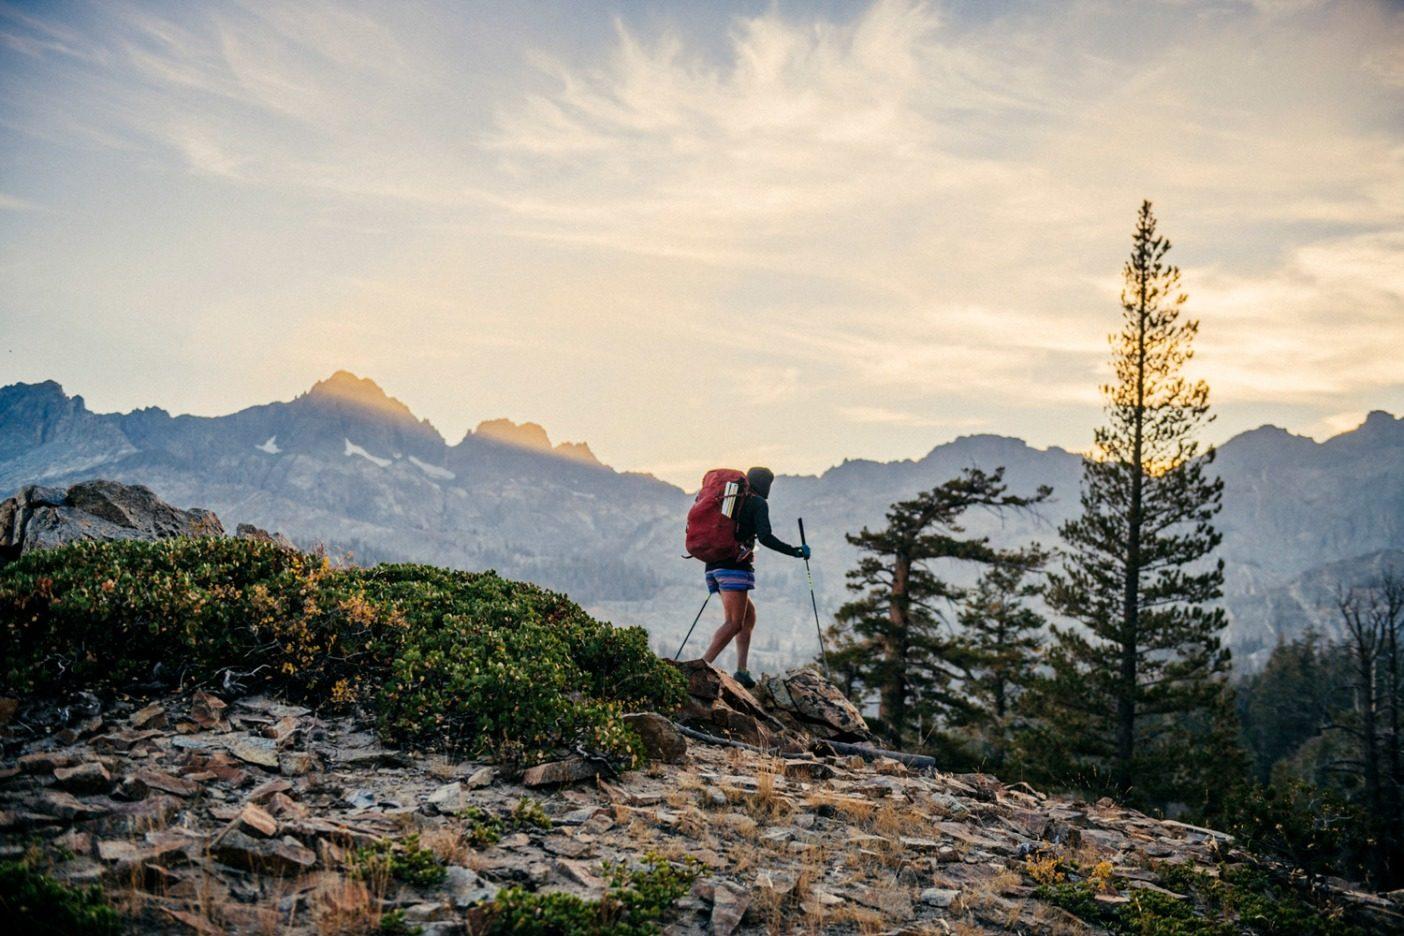 本の各セクションには「山岳オプション」と呼ばれる、登るべき頂のリストがあった。私は女性の既知最速記録を男性のものよりも包括的にするべく、新たな基準を定めた。5つのセクションすべてで、フォーティーナー(標高14,000フィート=4,267メートル以上の山)を登り、魚を釣る。つまり、Fastest Fish Fourteener Known Time(FFFKT)である。Photo: Ken Etzel